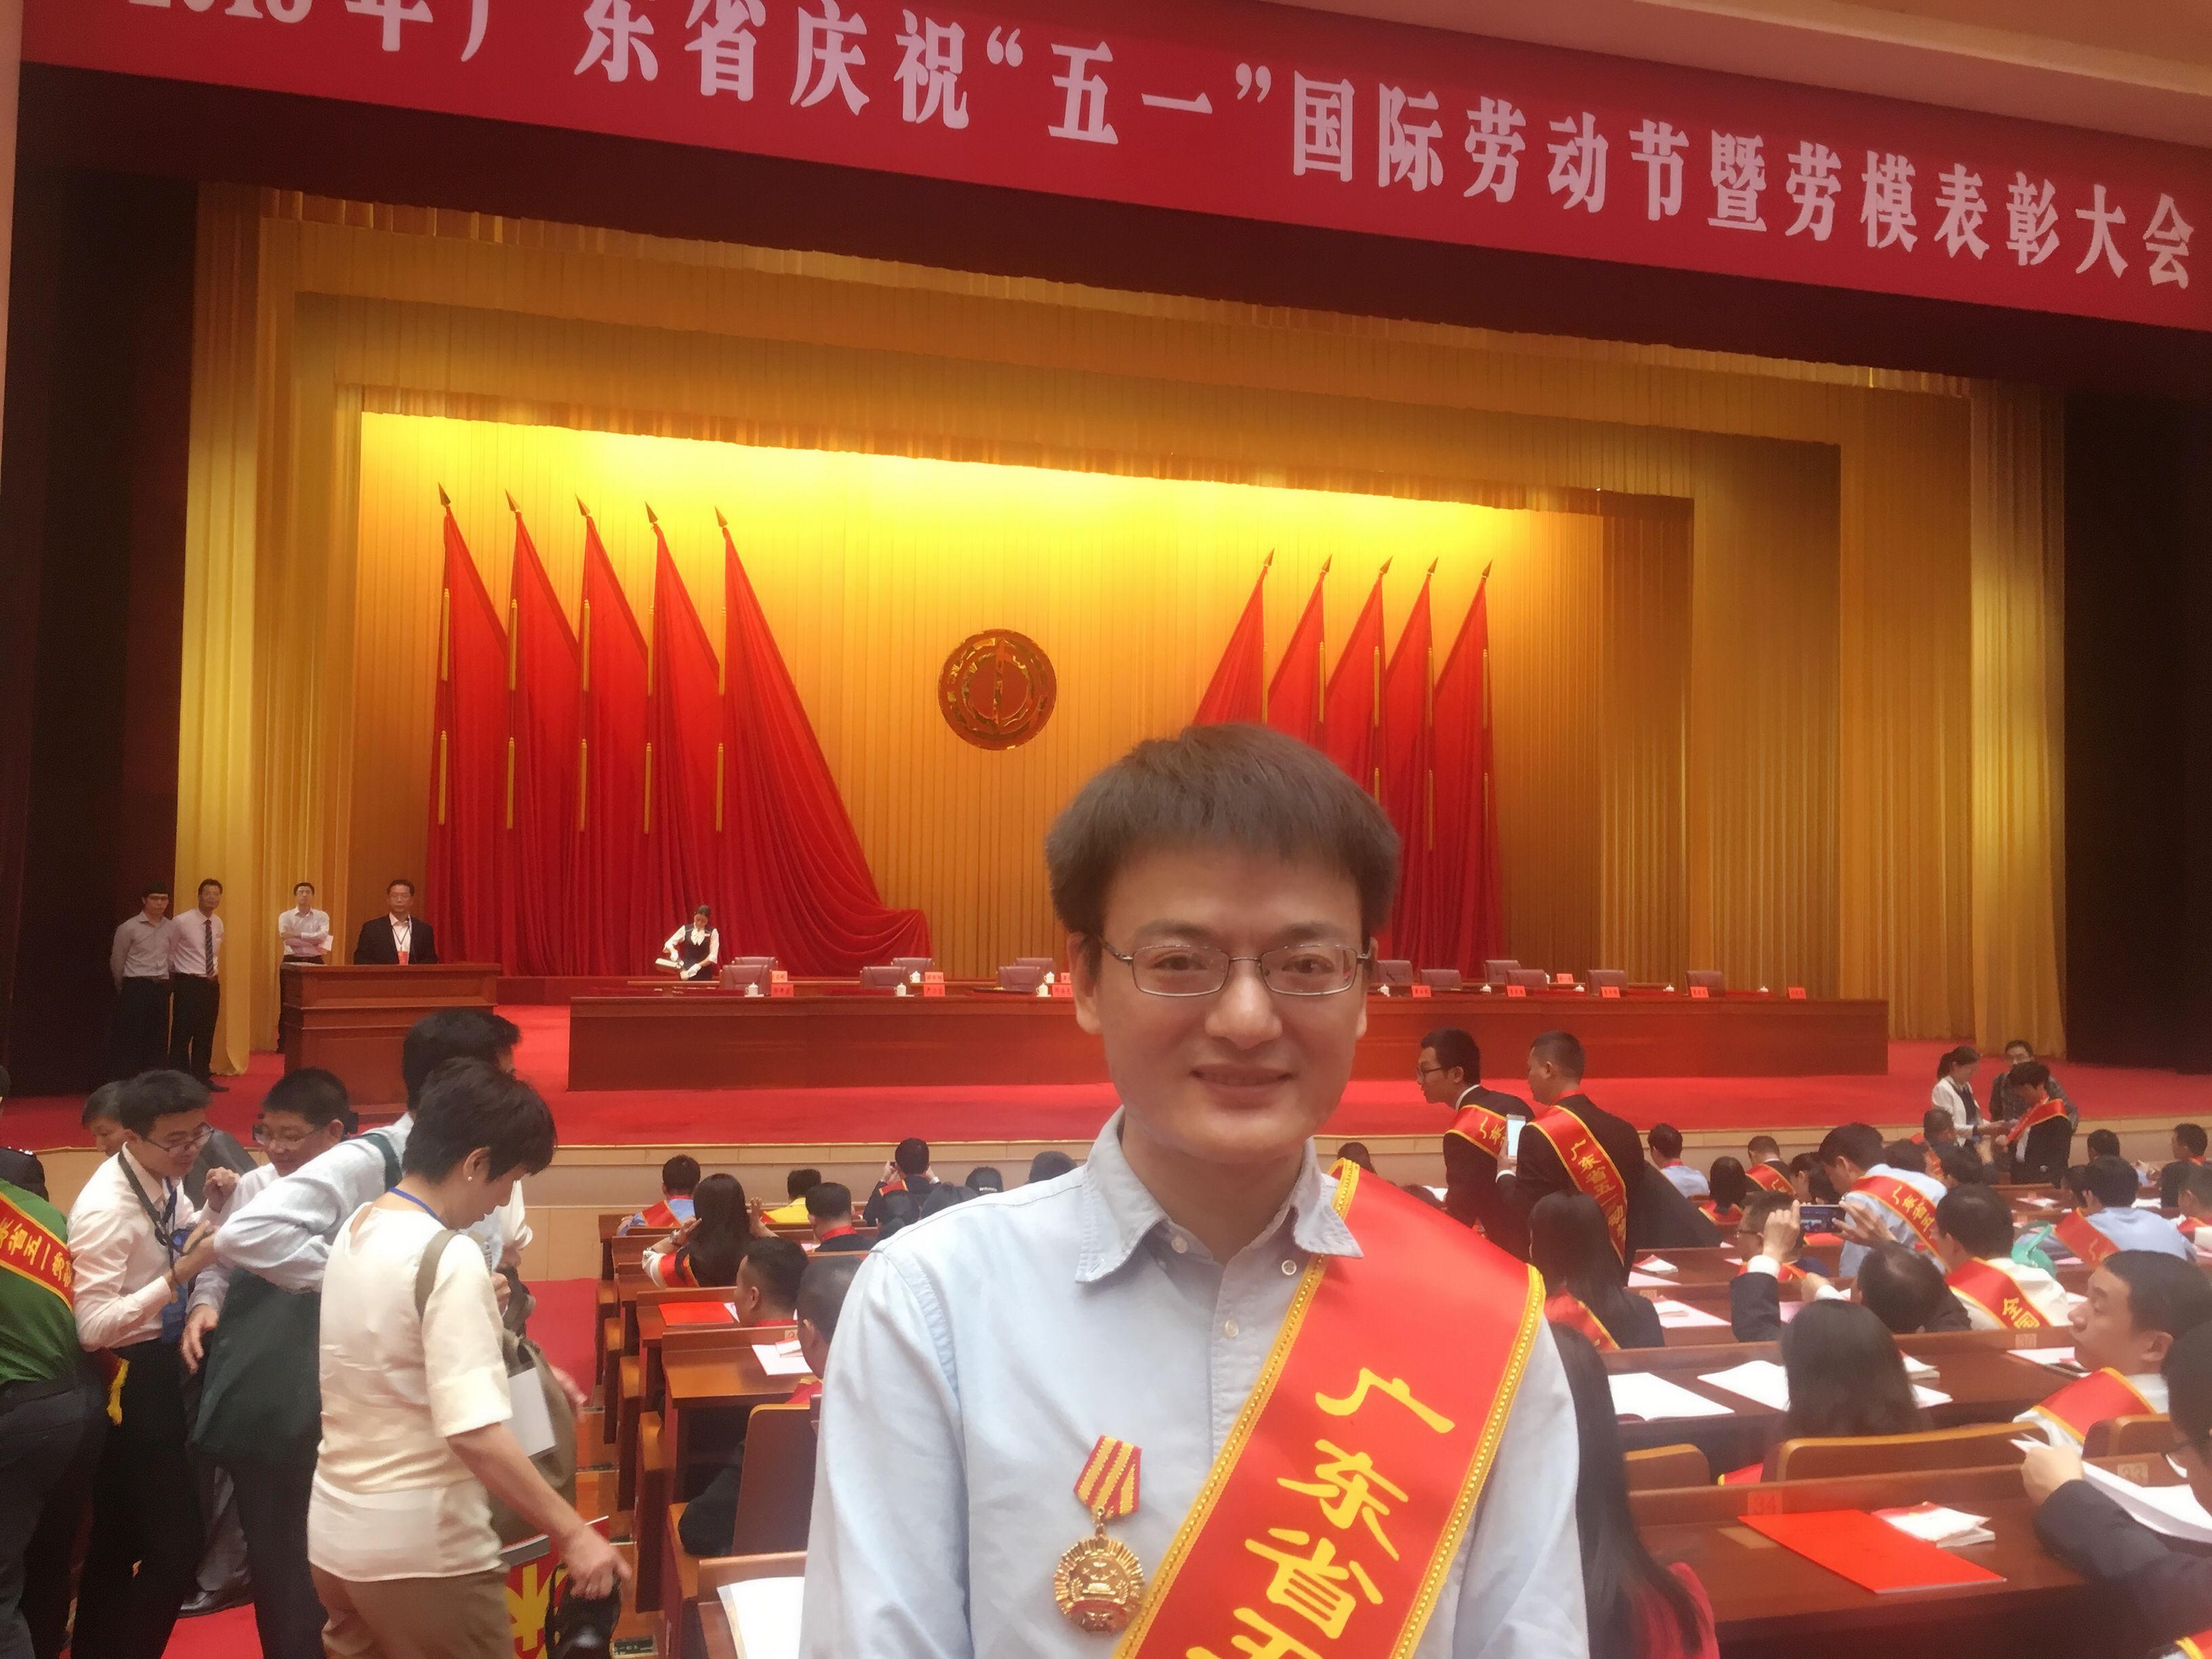 省劳模表彰大会今日召开,中山25个单位和个人获表彰!